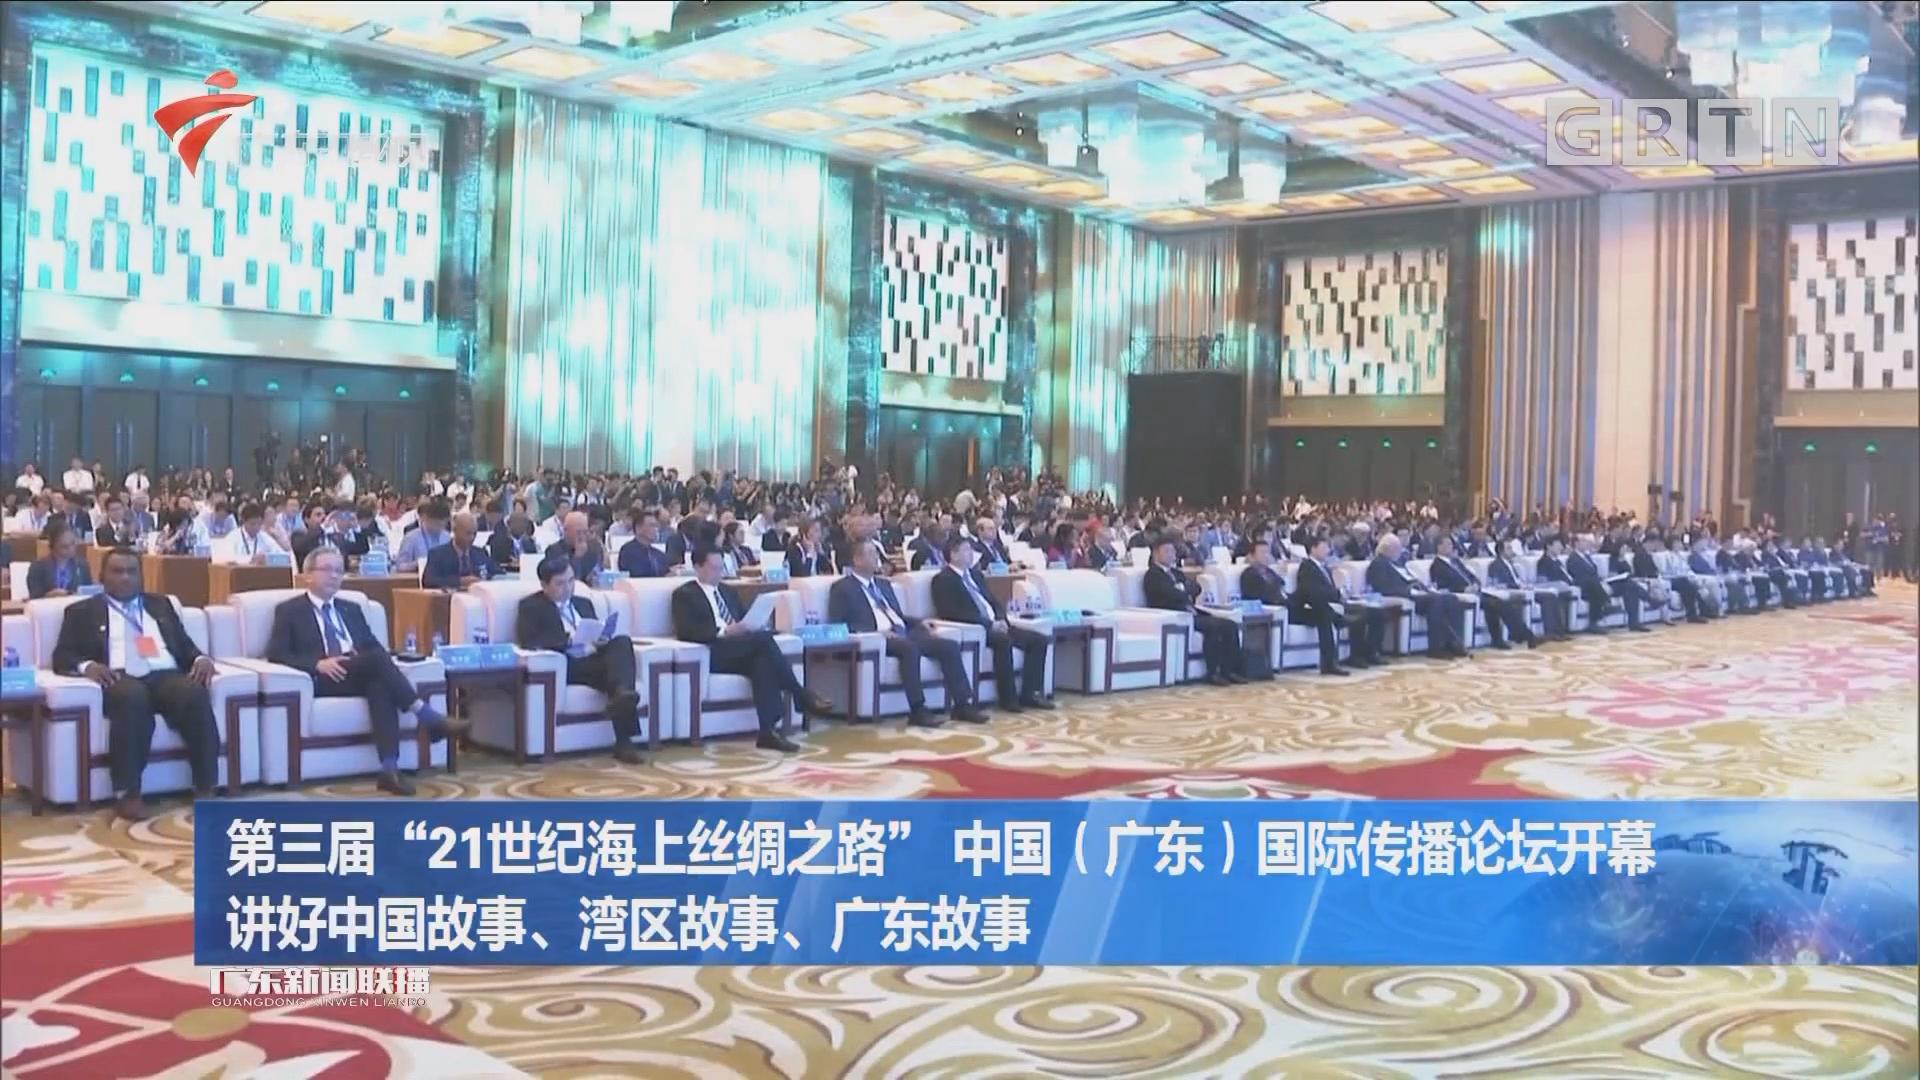 """第三届""""21世纪海上丝绸之路"""" 中国(广东)国际传播论坛开幕 讲好中国故事、湾区故事、广东故事"""